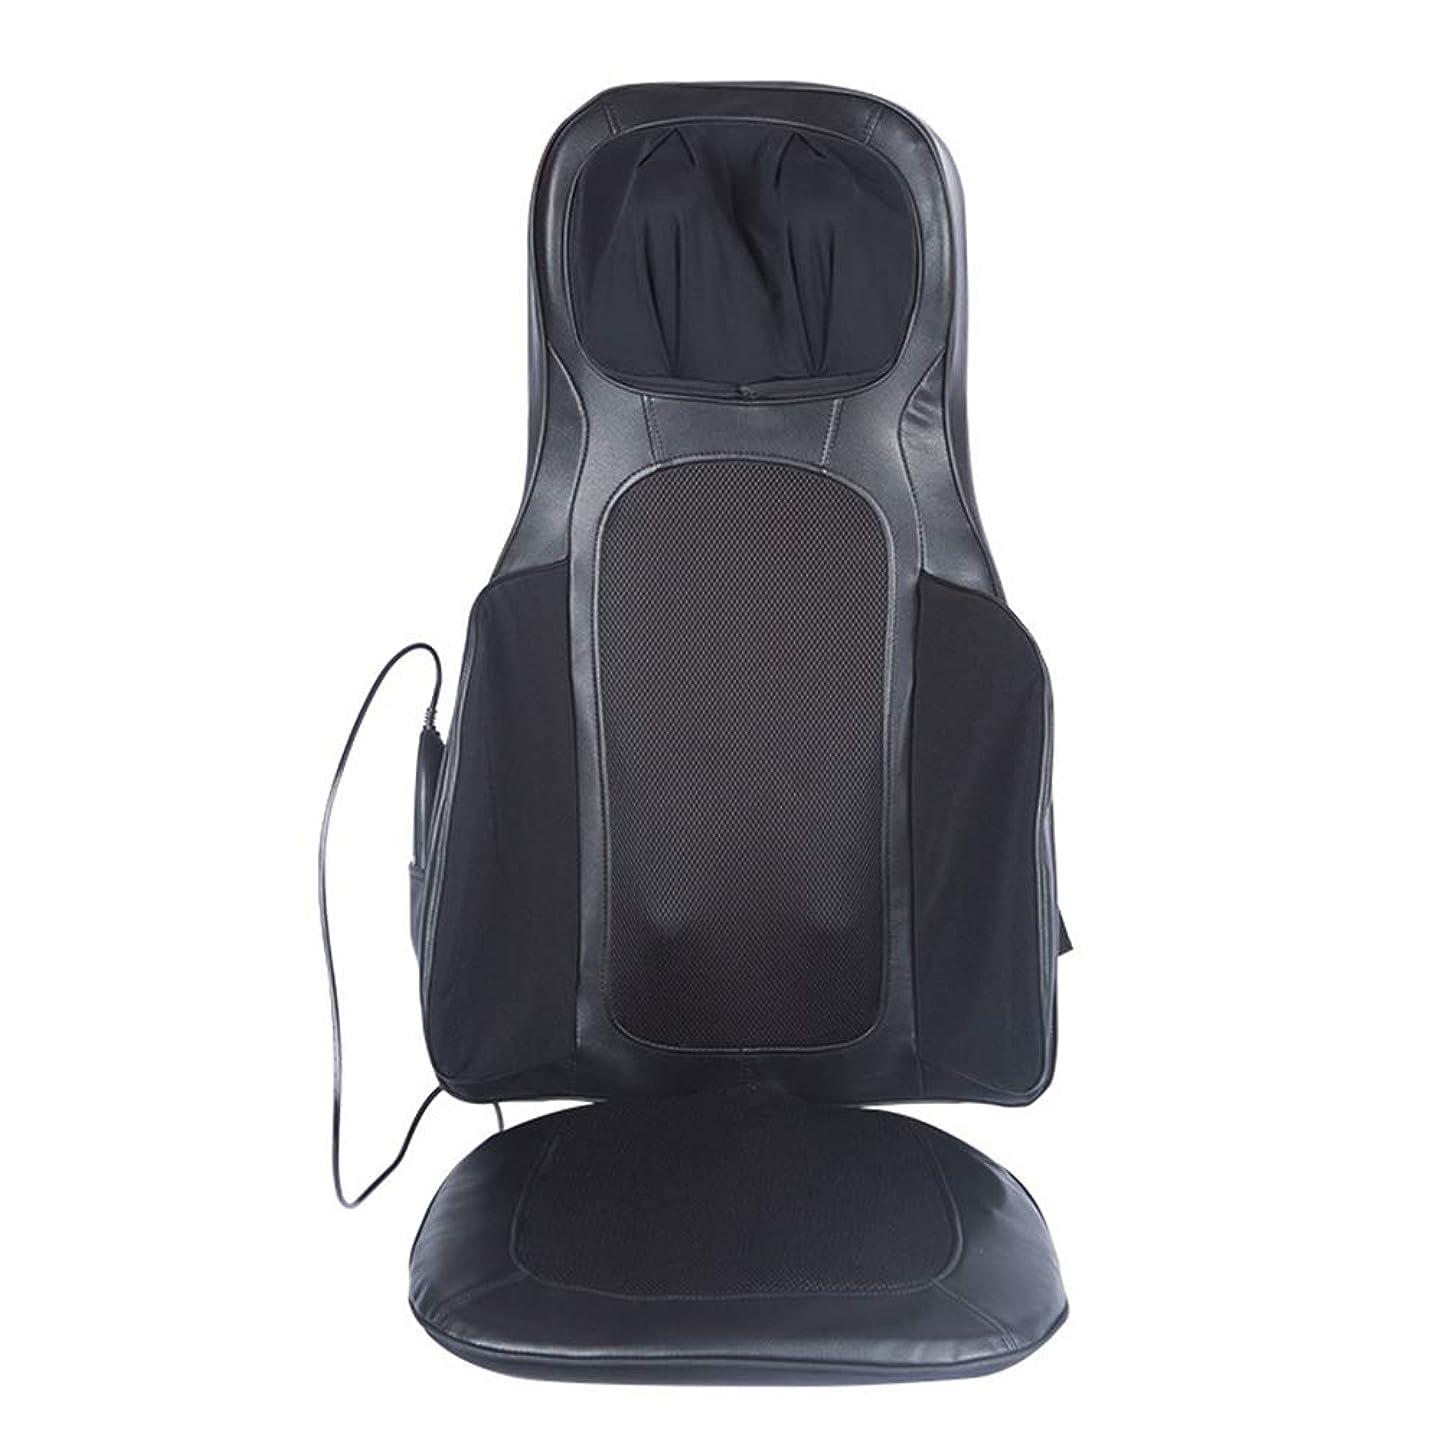 補正符号災害マッサージチェア頚部腰椎ショルダーバックマッサージャーファミリーカー多機能マッサージマット